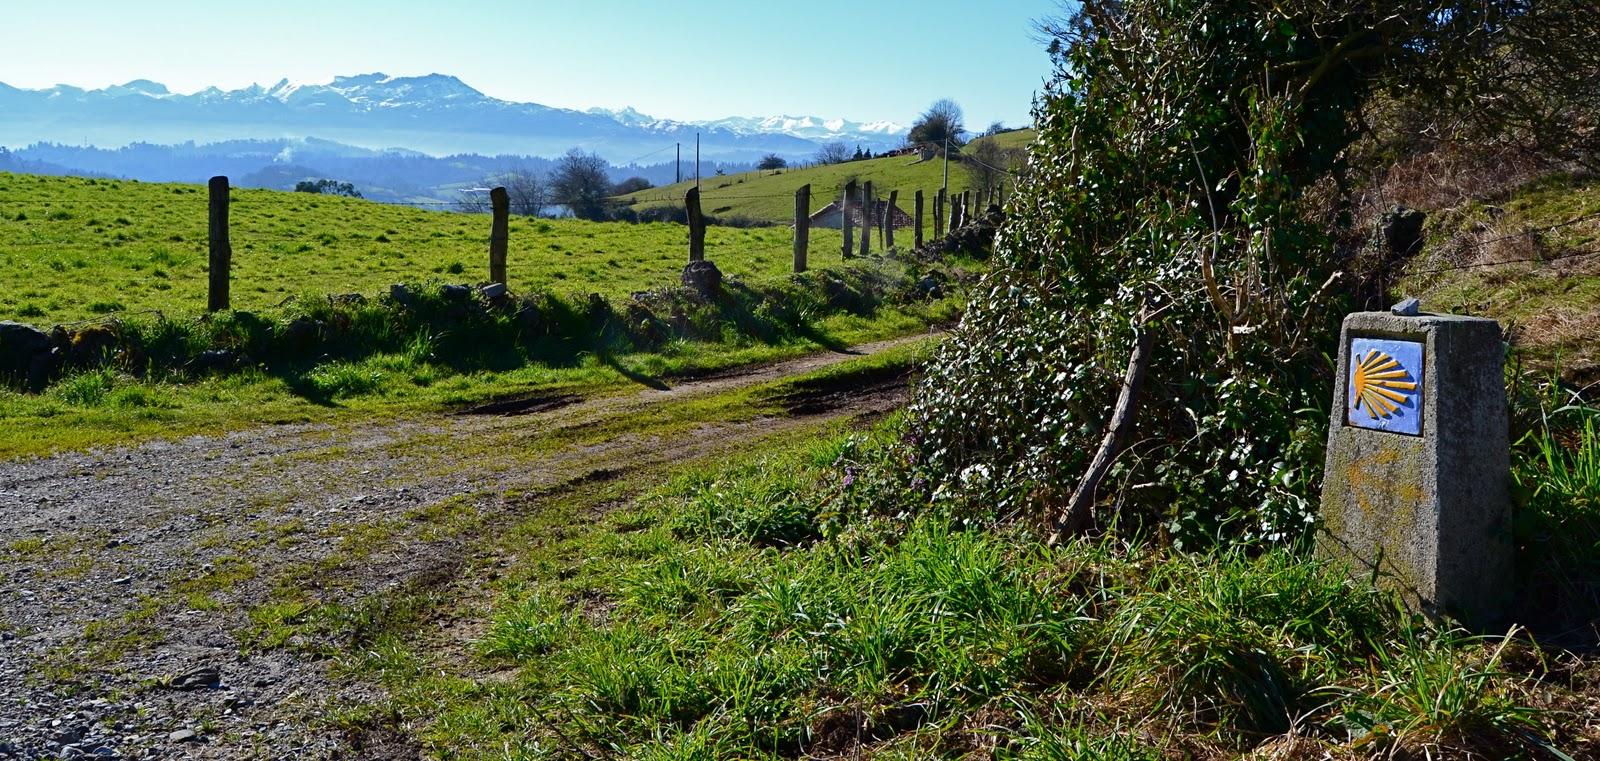 El camino de santiago desde asturias 02 01 2011 03 01 2011 - El tiempo en siero asturias ...